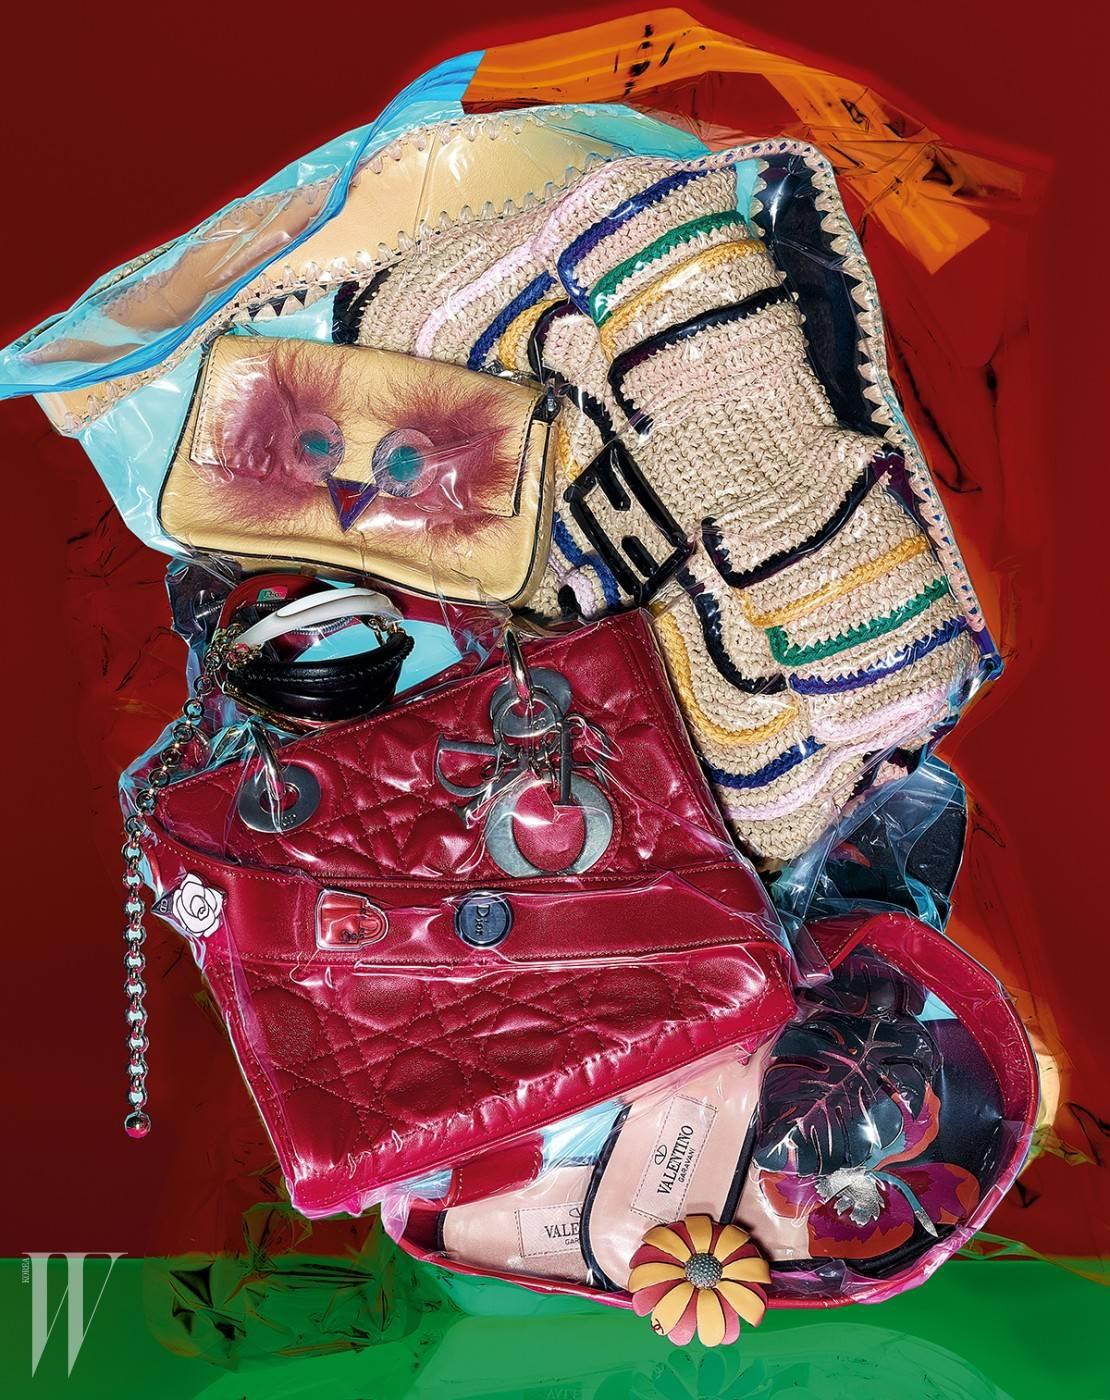 퍼 장식의 위트 있는 마이크로 미니 백과 자연스러운 소재와 러플 장식이 돋보이는 바게트 백은 Fendi, 디올의 시그너처 클립 장식을 더한 붉은색 마이 디올 백과 구형의 조형적인 뱅글은 Dior, 꽃과 잎 모티프를 섬세하게 표현한 가죽 샌들은 Valentino, 화사한 래커 페인팅의 메탈 꽃 브로치는 Chanel 제품.